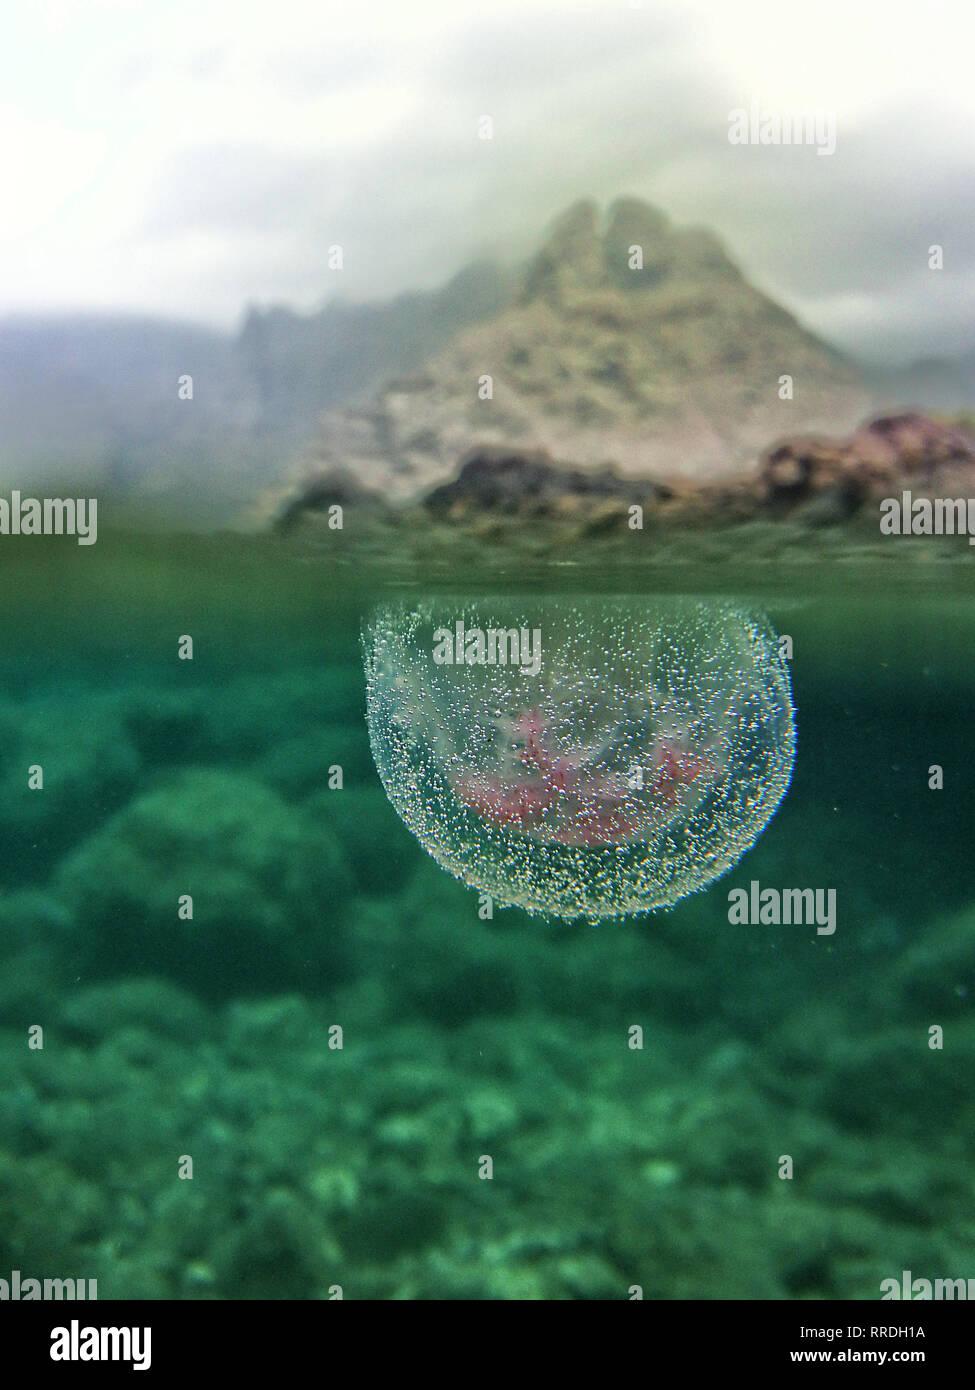 Acercamiento de las medusas transparentes en burbujas fluyen bajo la superficie del agua transparente en la naturaleza salvaje Foto de stock